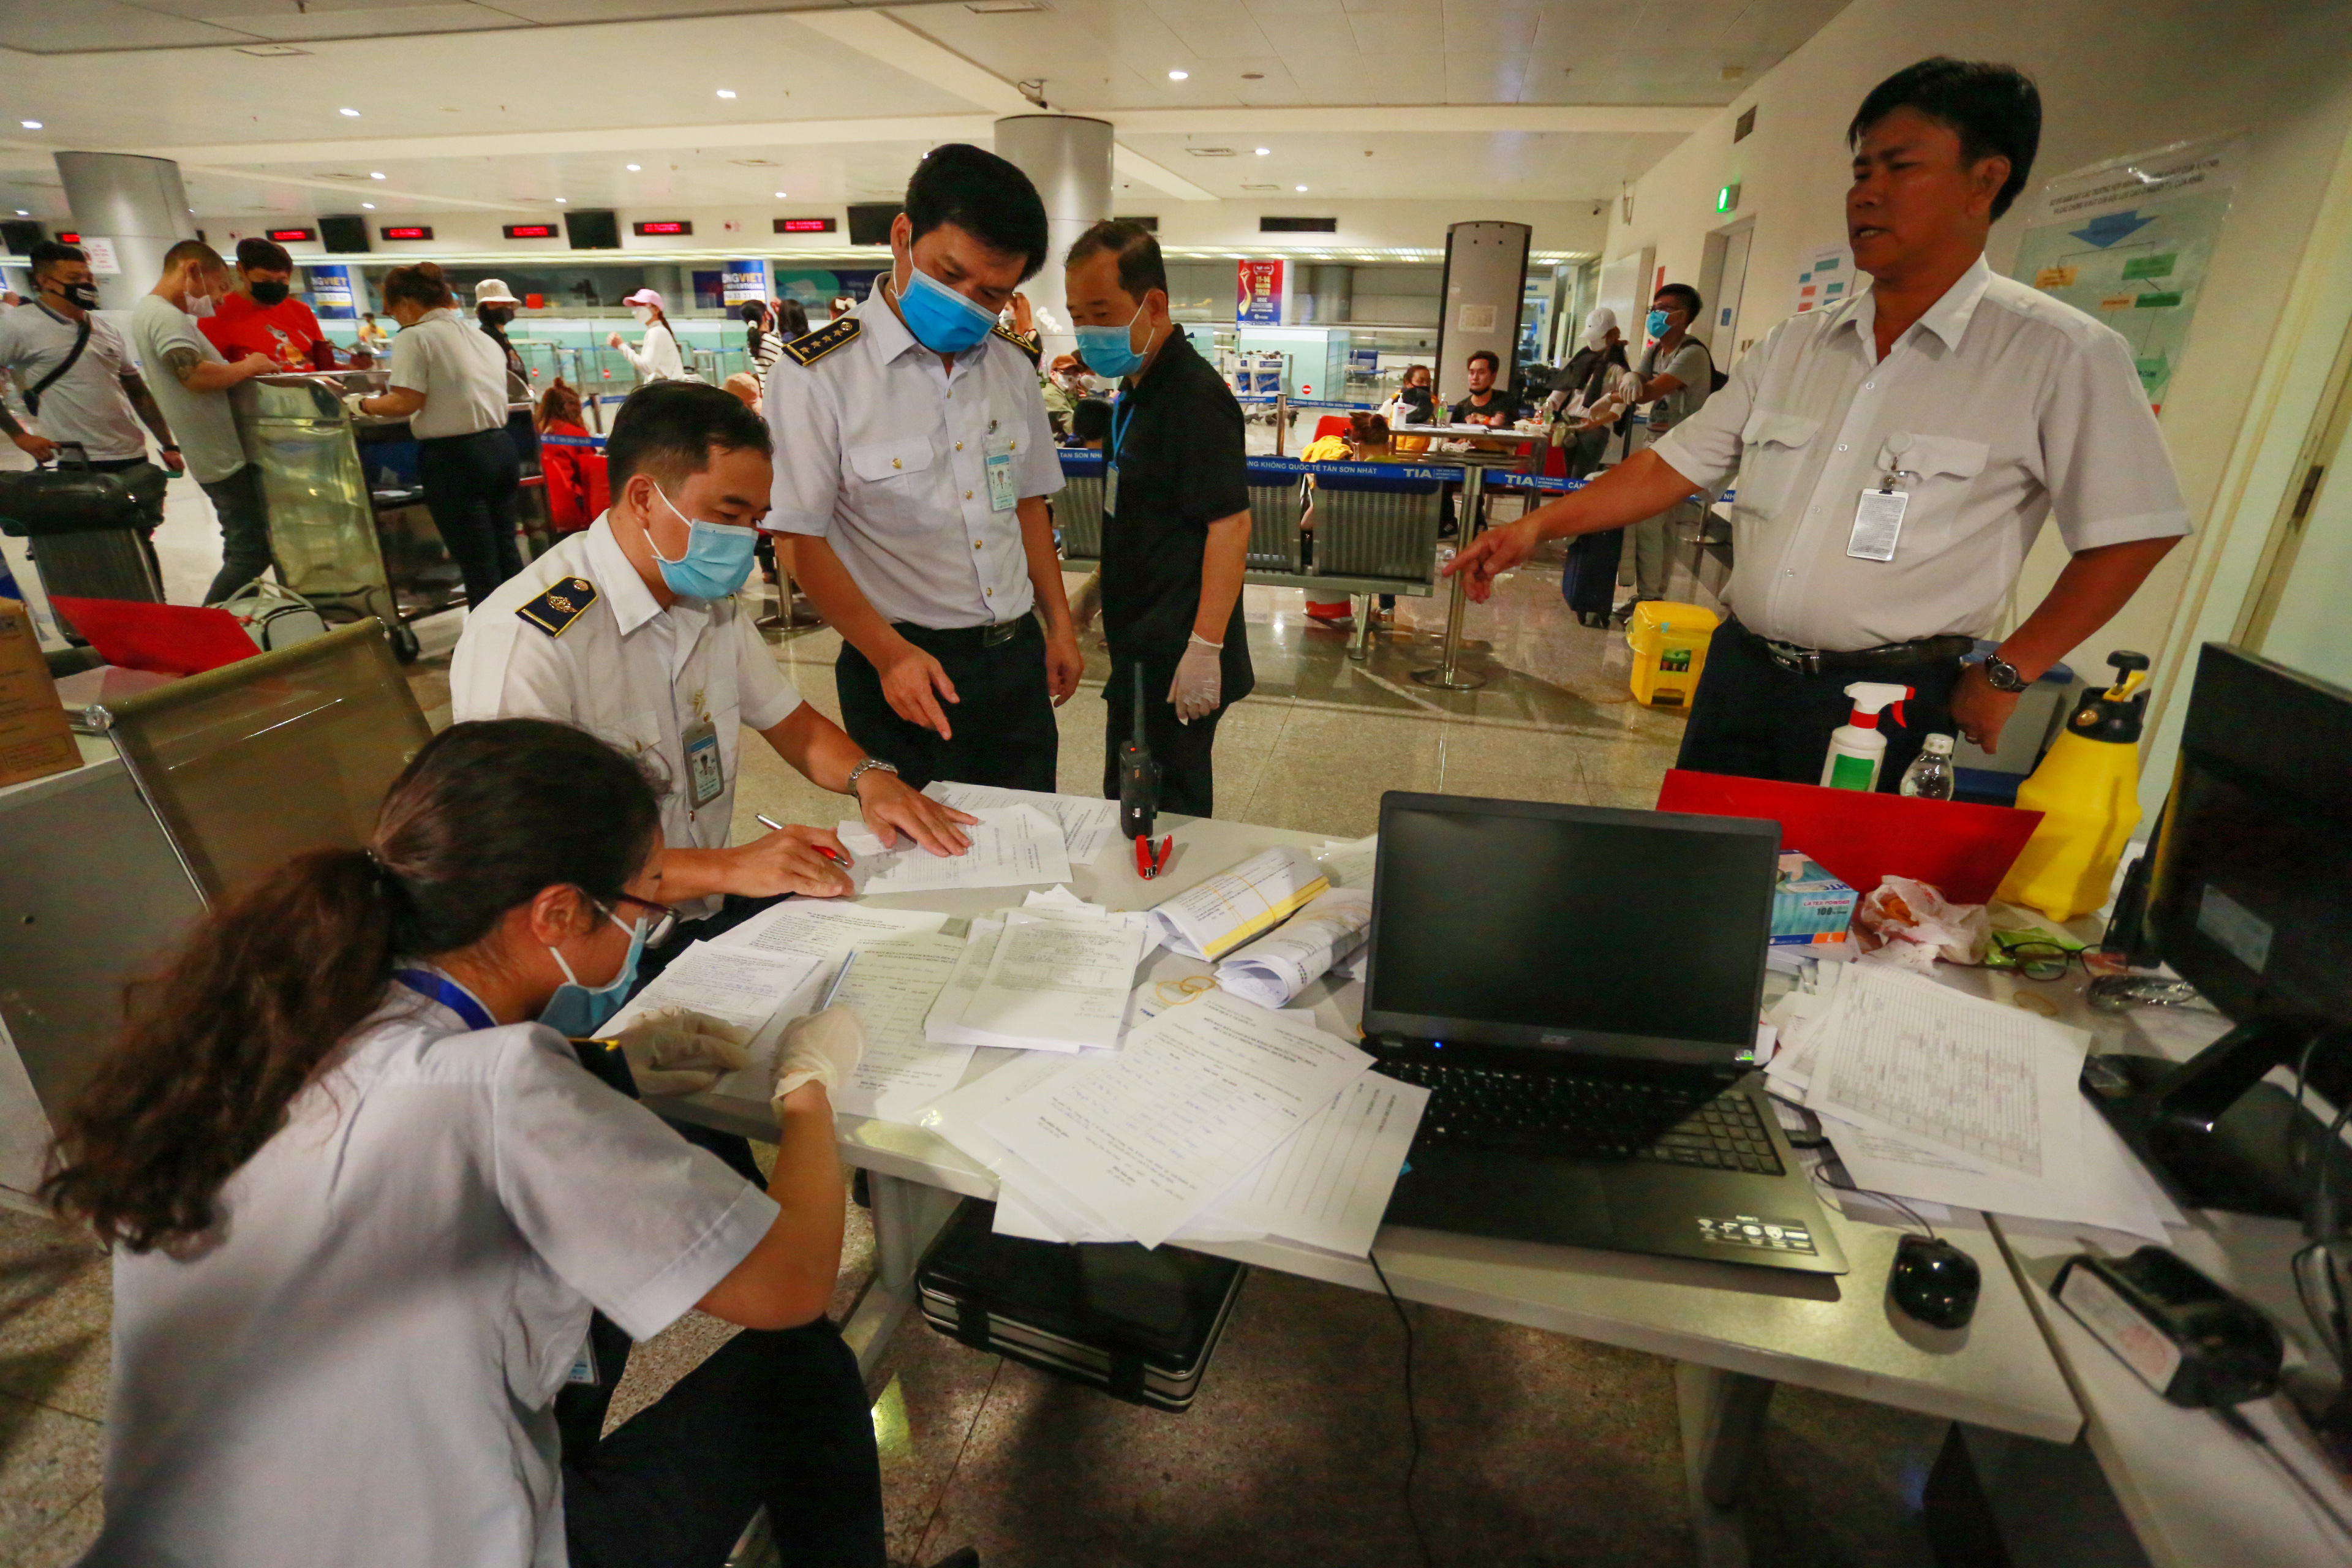 QUY TRÌNH NGHIÊM NGẶT giúp phát hiện 3 người về từ Hàn Quốc có dấu hiệu sốt, được cách ly lập tức khi xuống Tân Sơn Nhất - Ảnh 1.